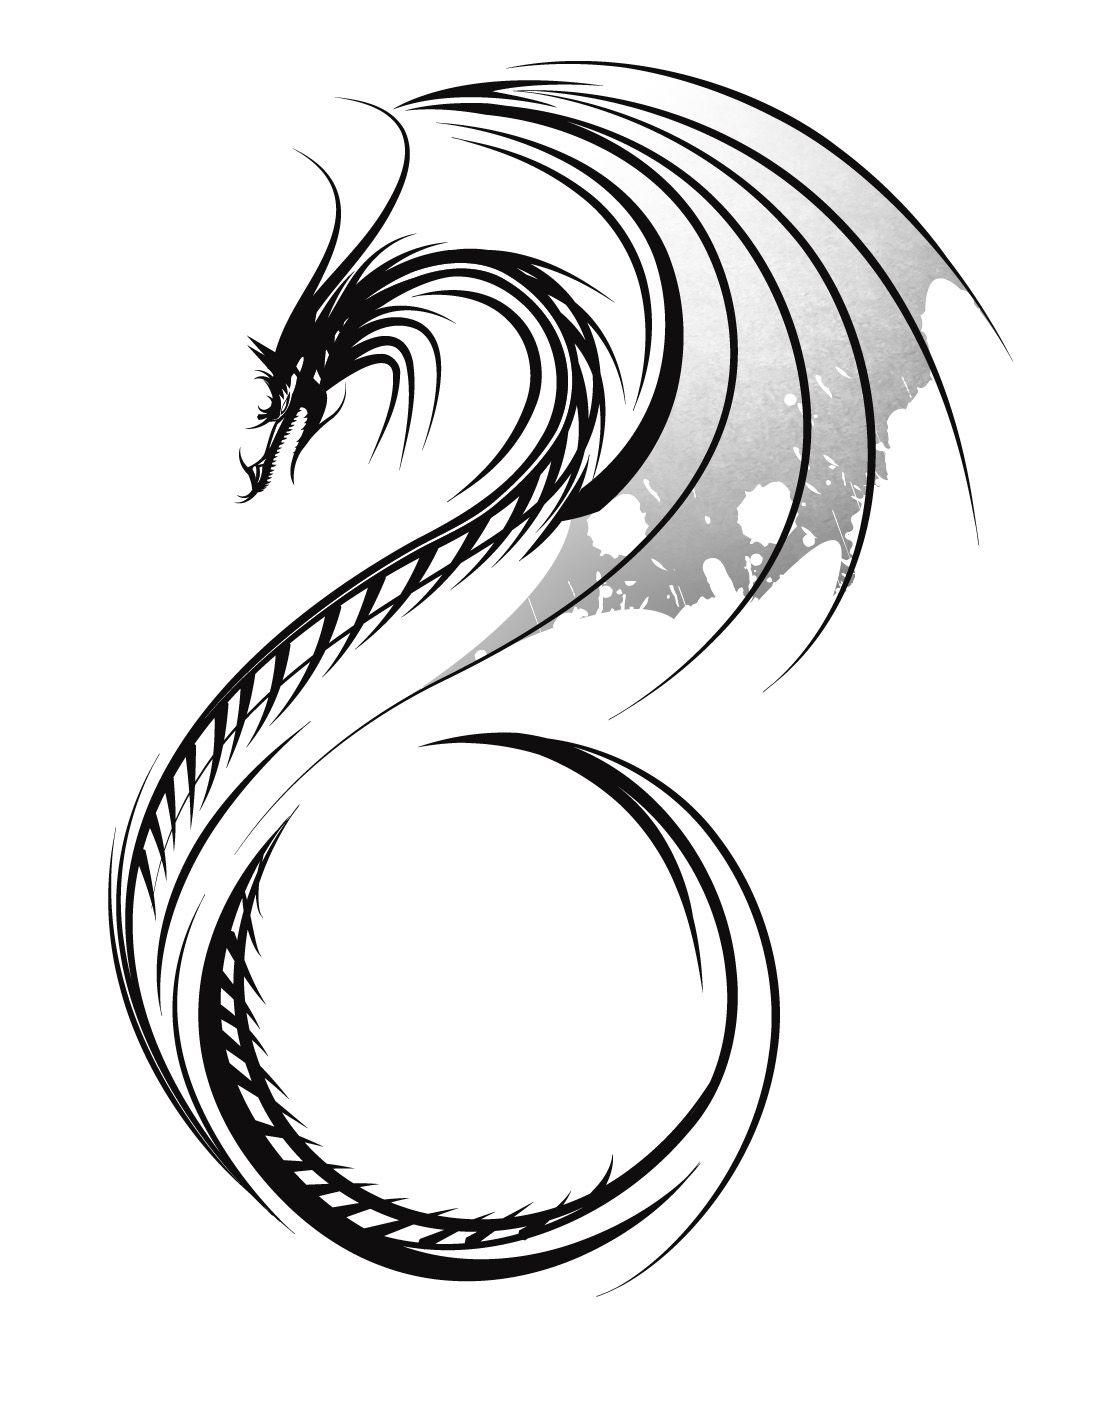 Dragon Tribal Tattoo Designs - Tattoo Ideas Pictures | dragon tatto ...